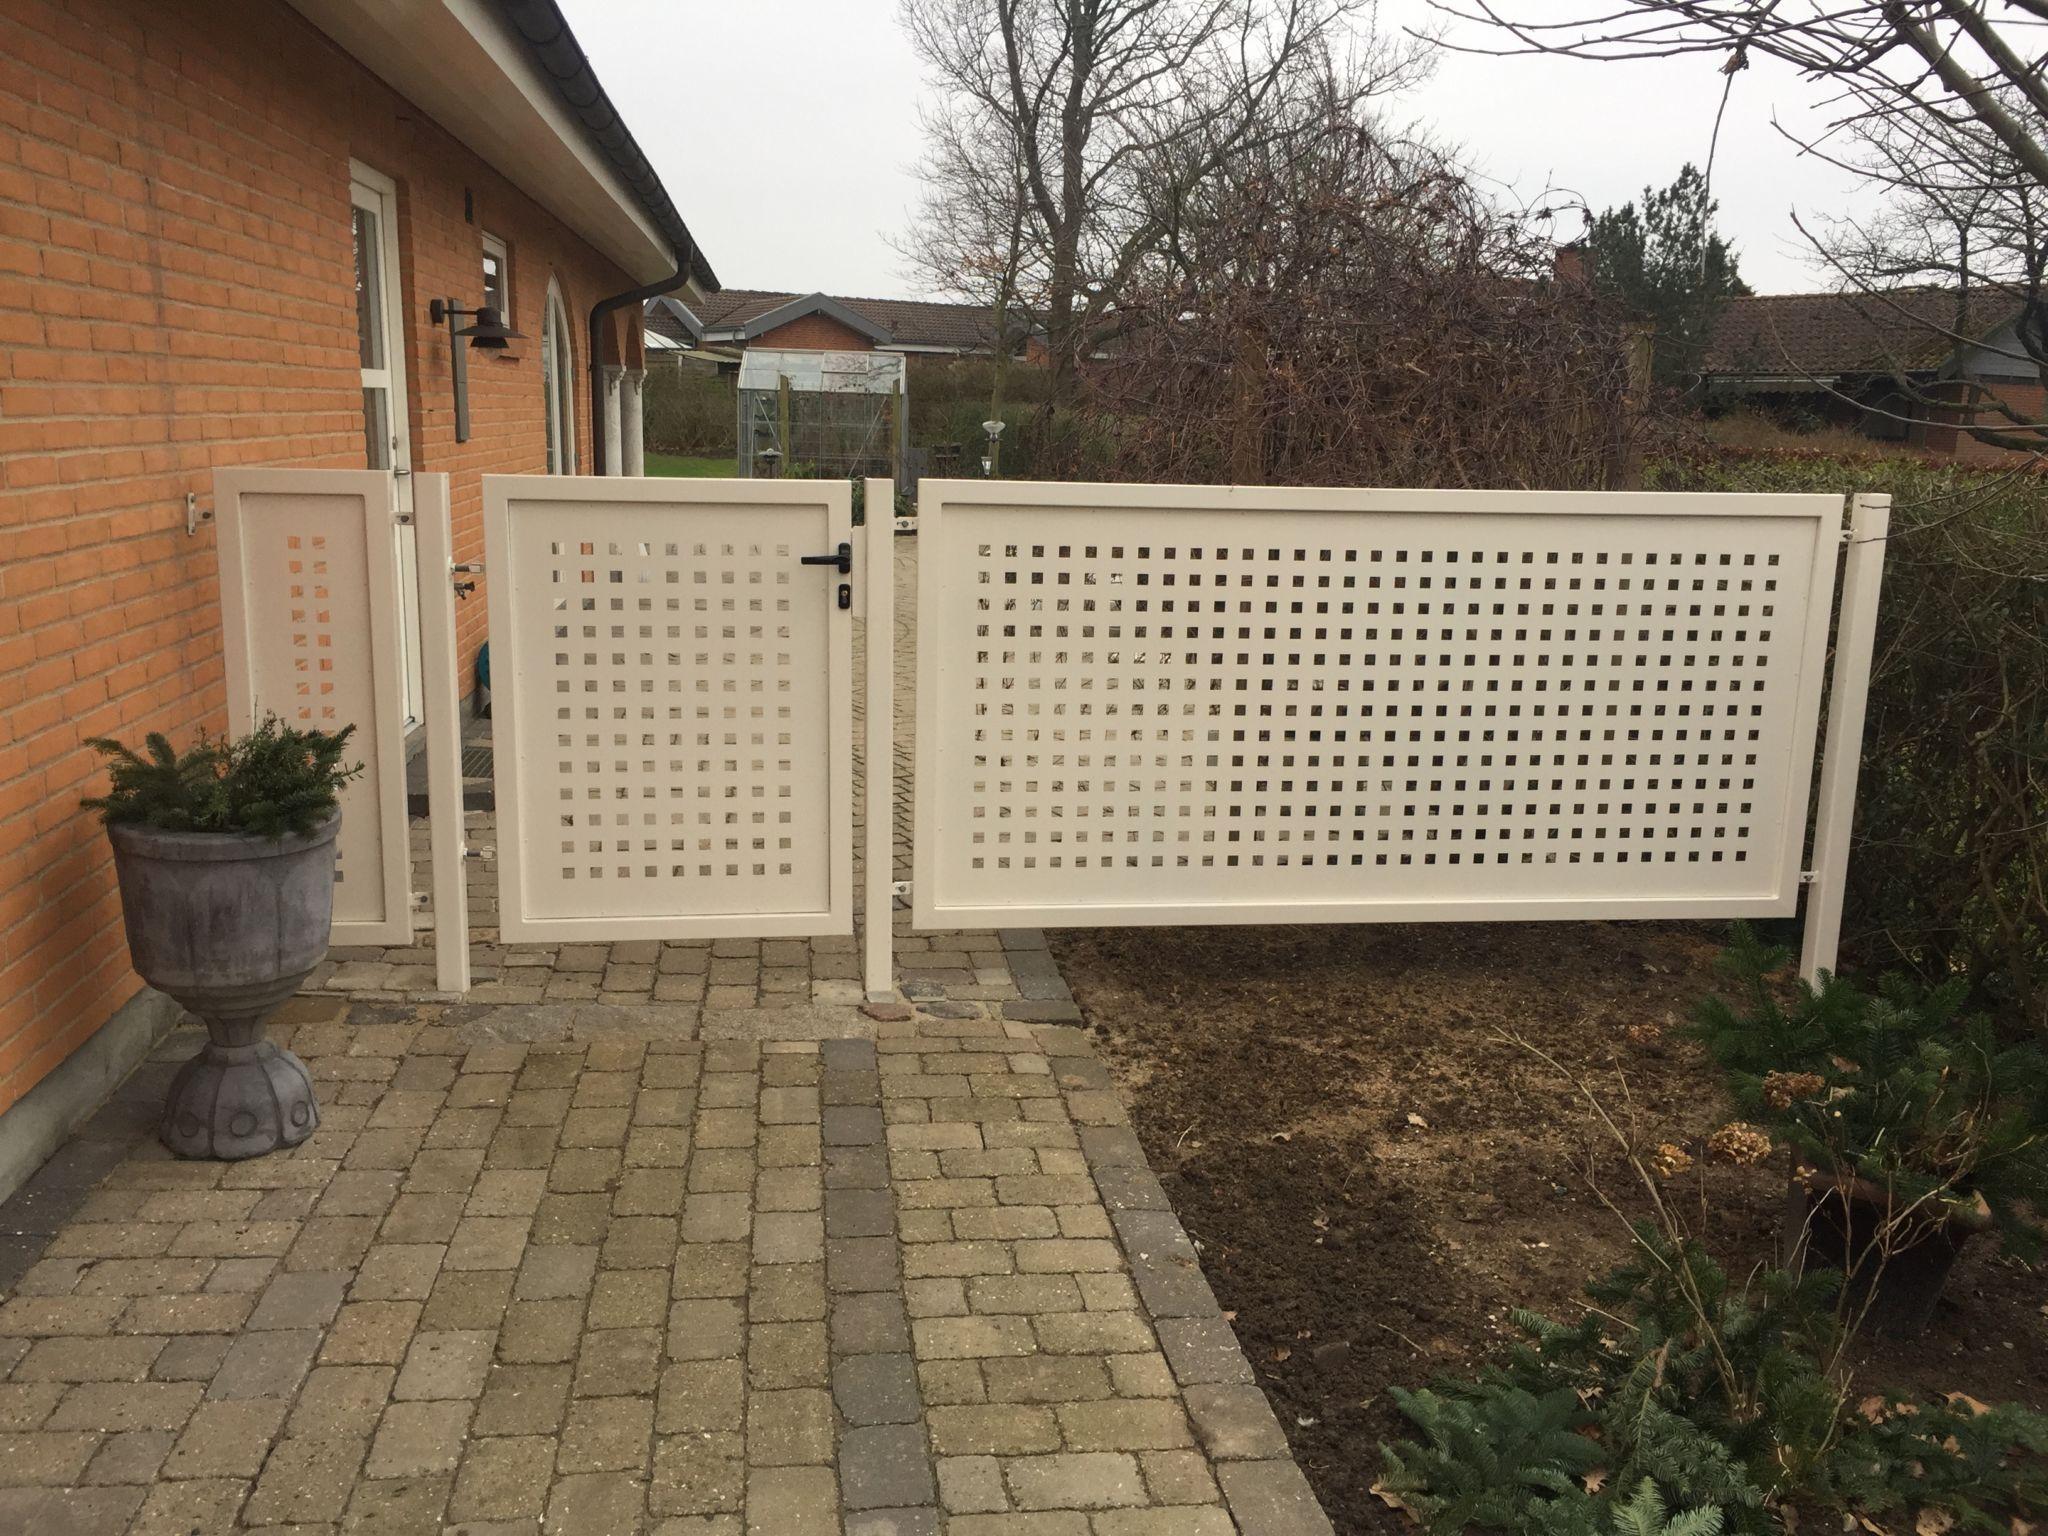 Hvid smedejernslåge på siden af hus